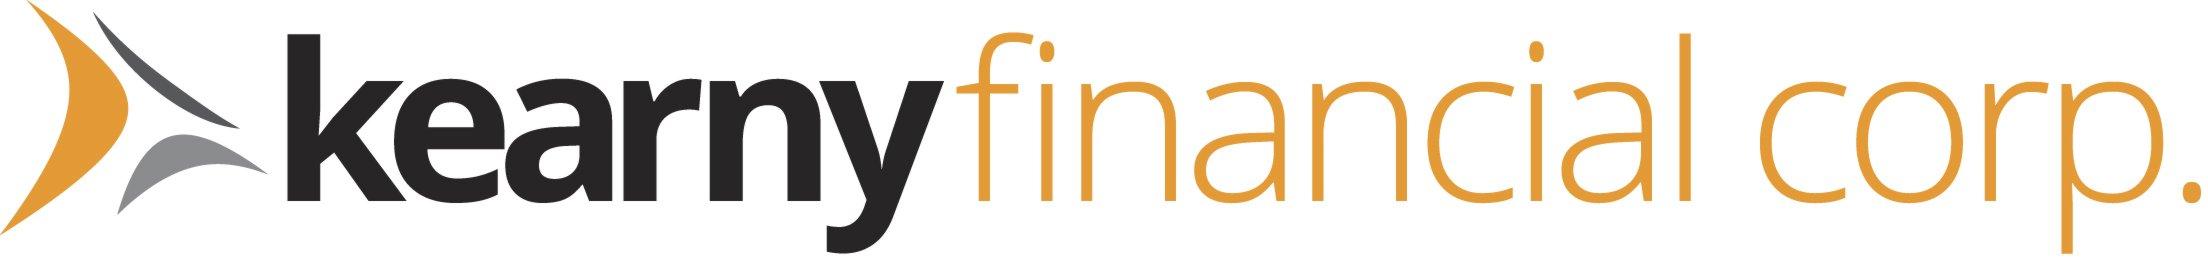 Kearny Financial Corp.